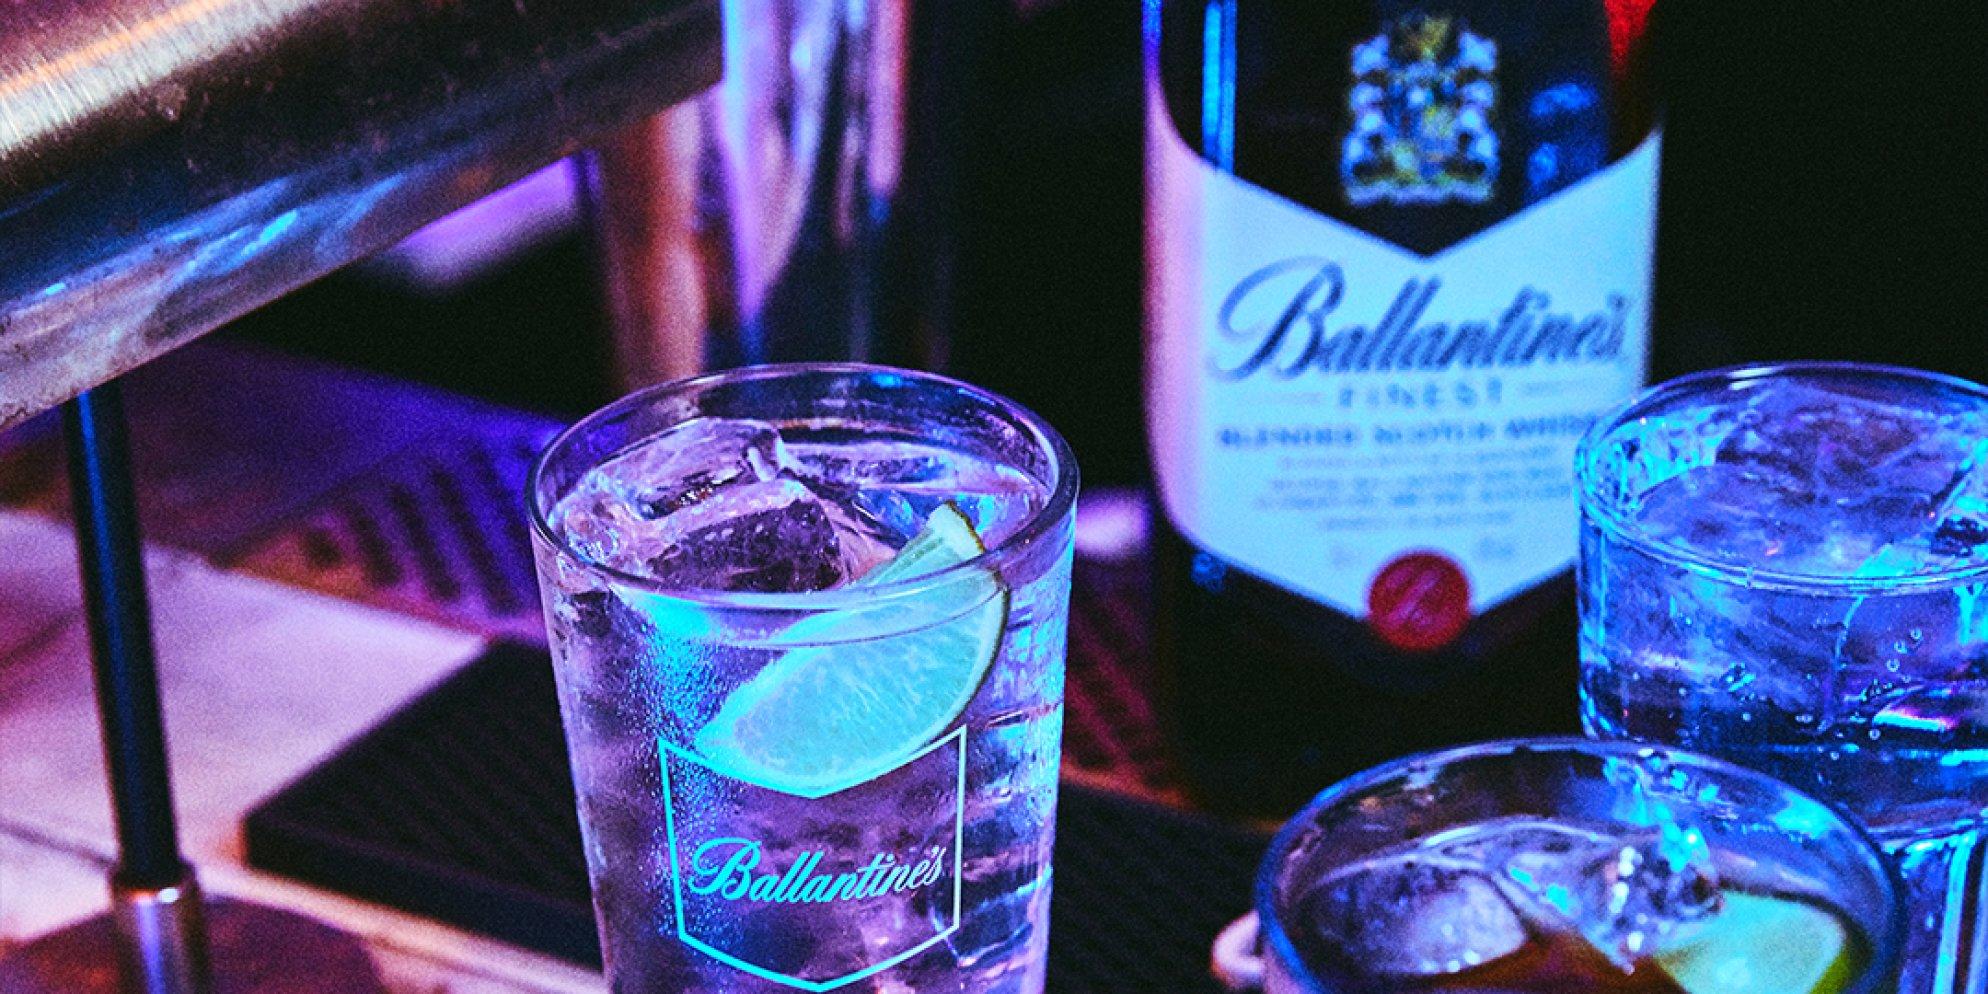 Ballantines_Copa